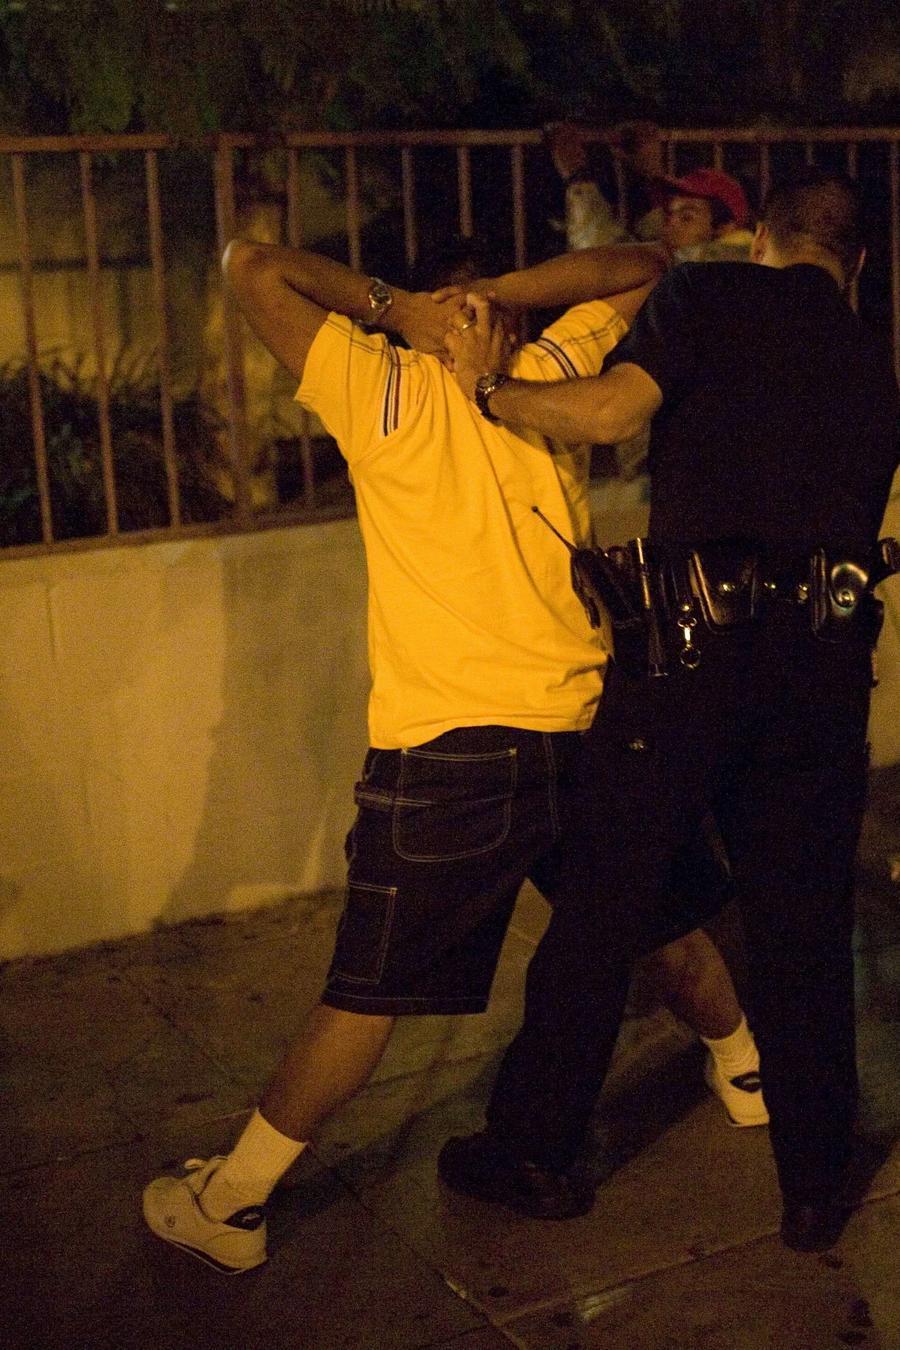 Fotografía de archivo de un oficial de la policía de Los Ángeles llevando a cabo un cateo a un posible miembro de la pandilla MS-13